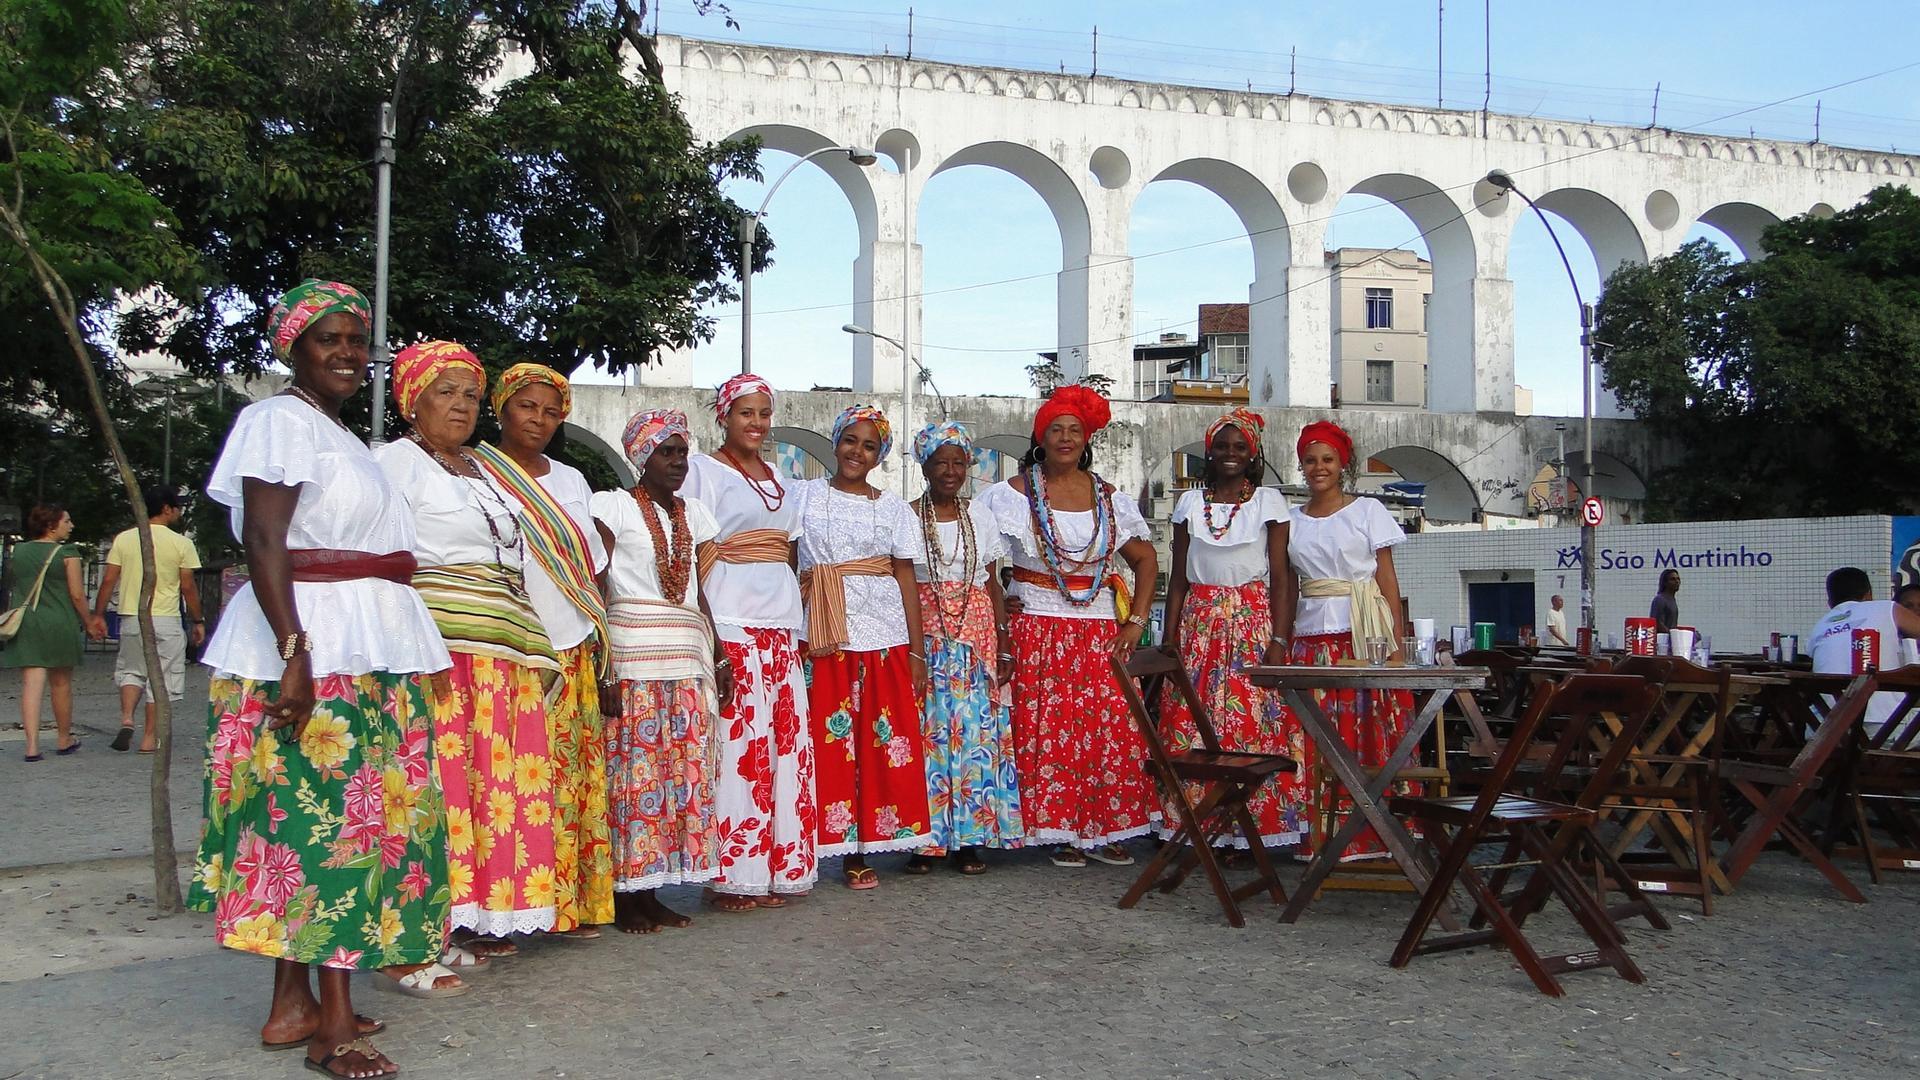 Ganhadeiras de Itapuã posicionadas uma ao lado da outra com os Arcos da Lapa, Rio de Janeiro, ao fundo